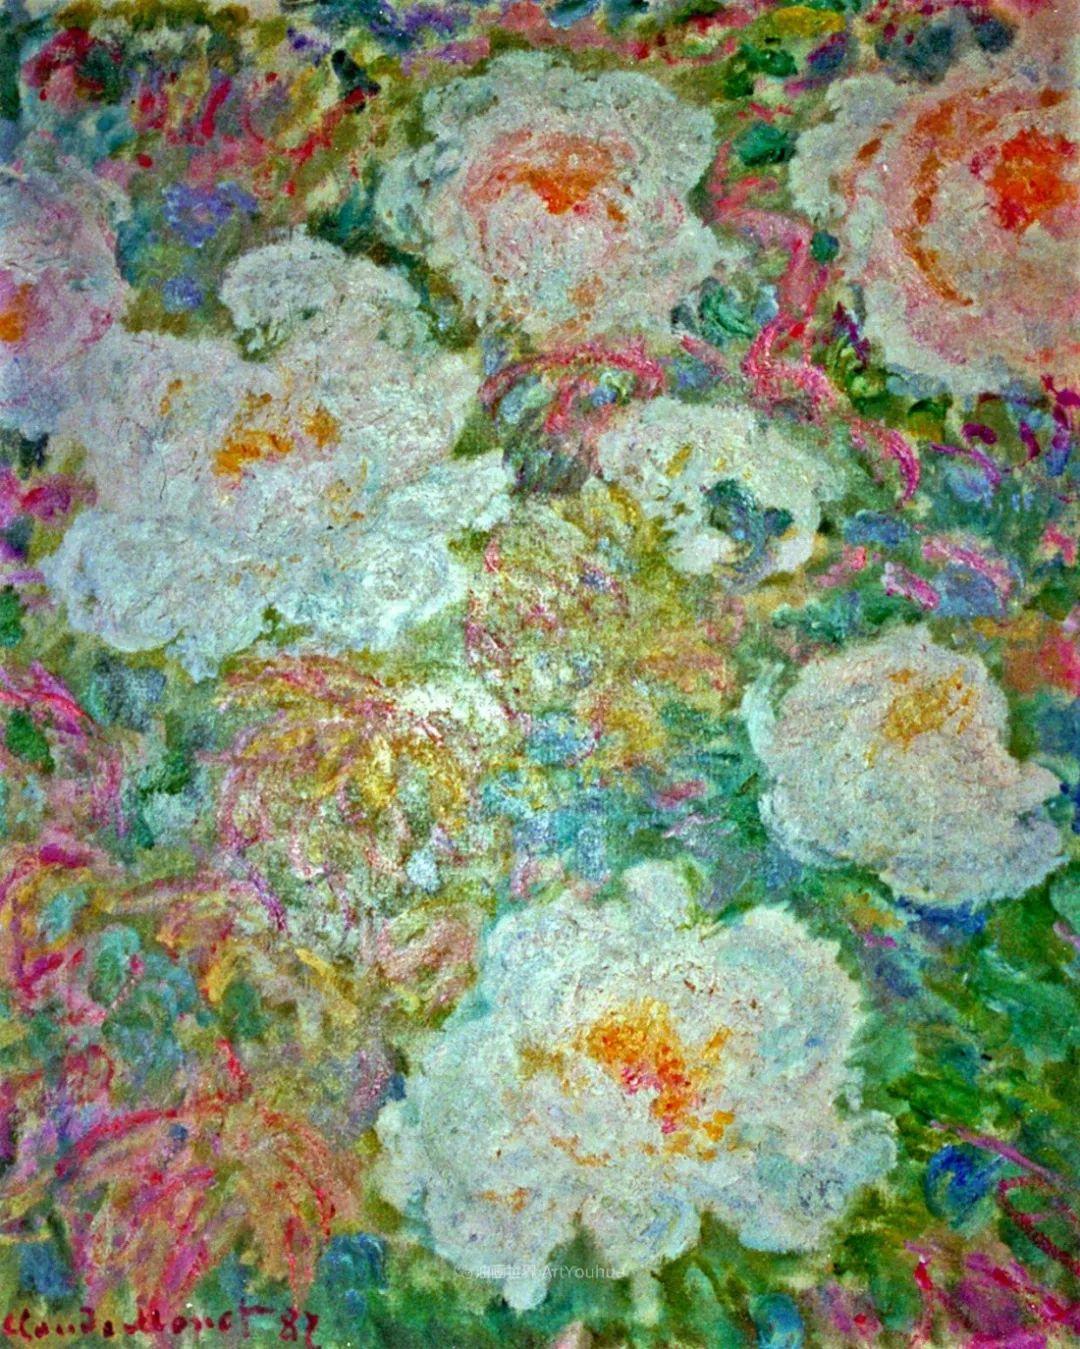 阳光四溢的色彩大师   以莫奈的花园祝你牛年欣欣向荣插图77